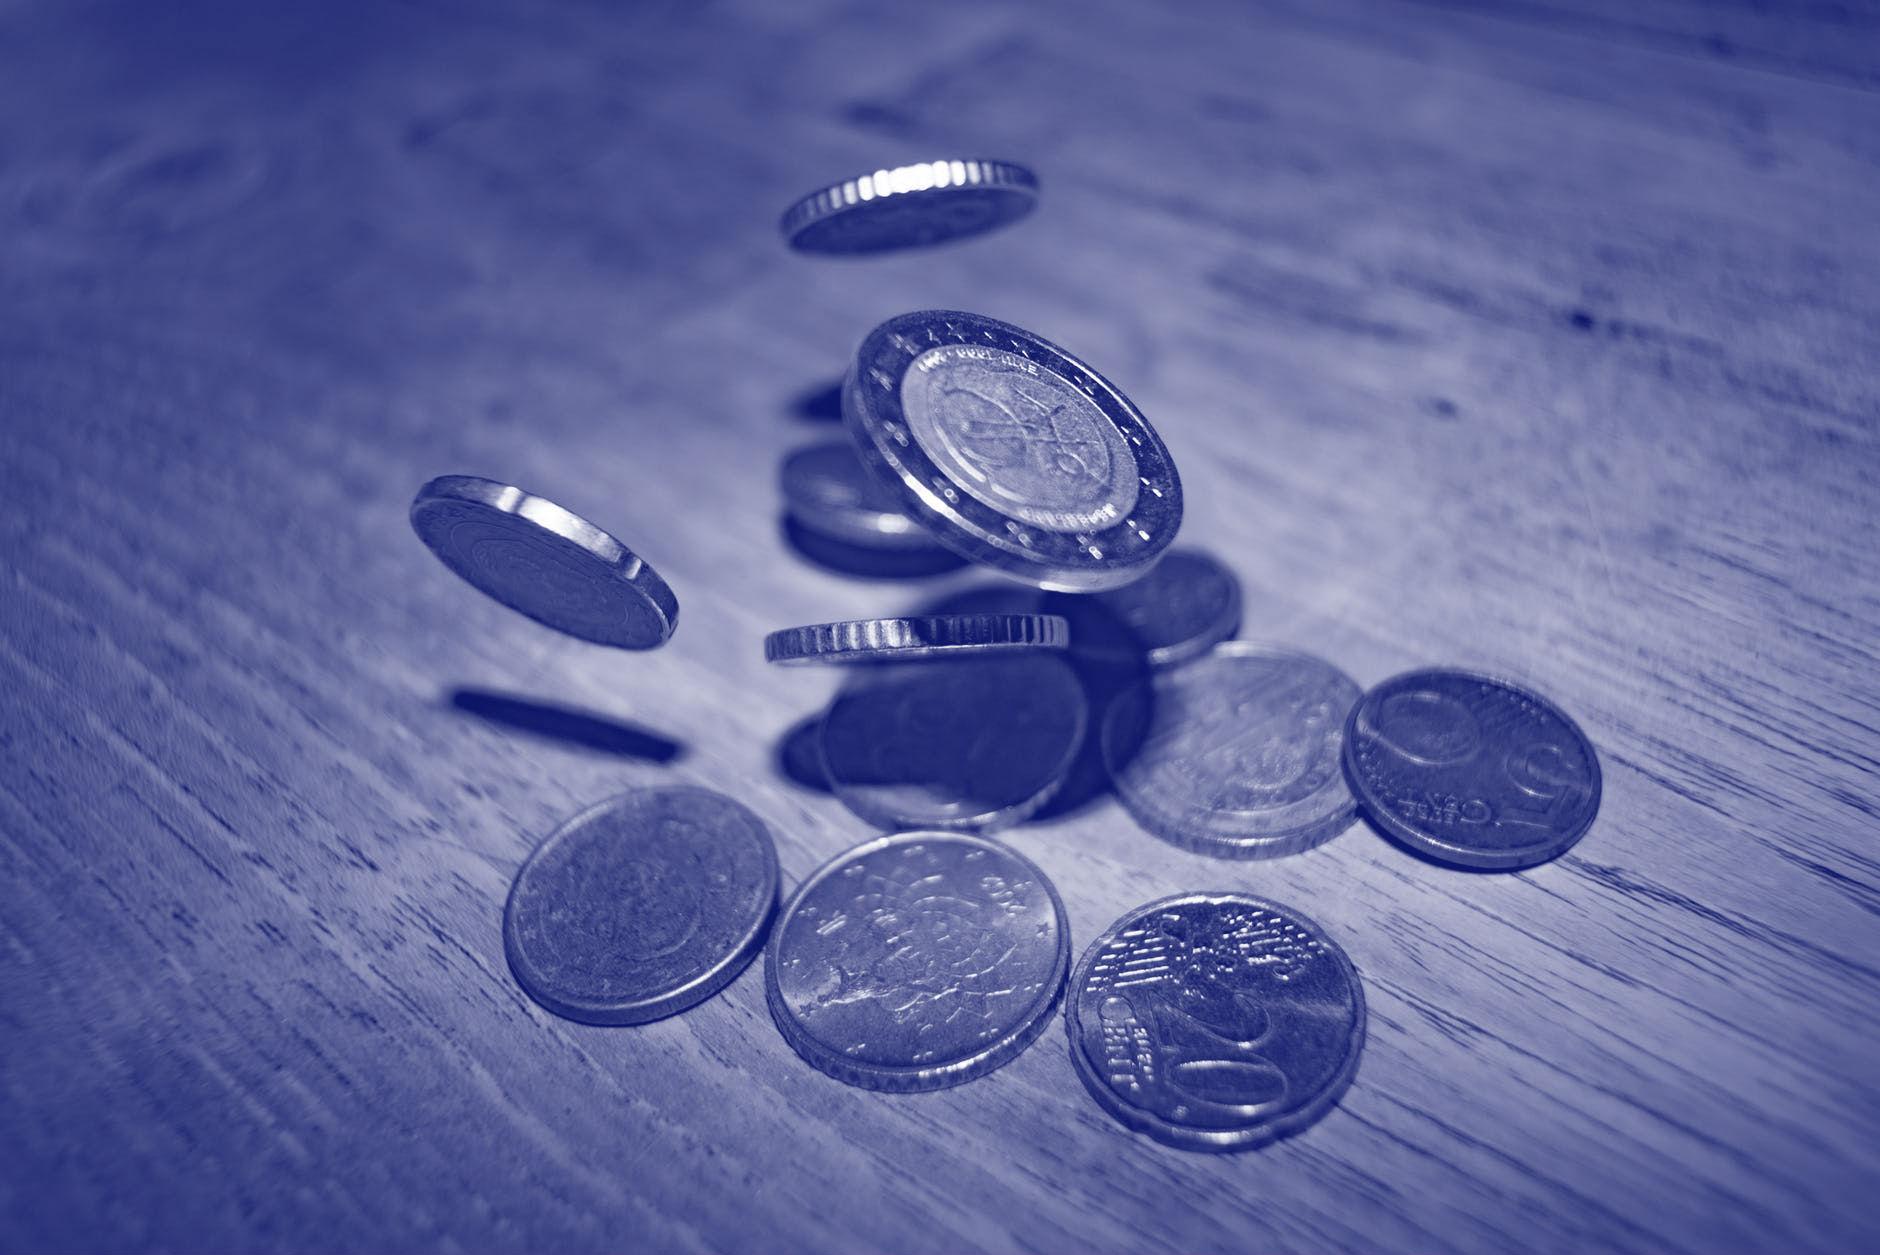 Billijke vergoeding niet verplicht